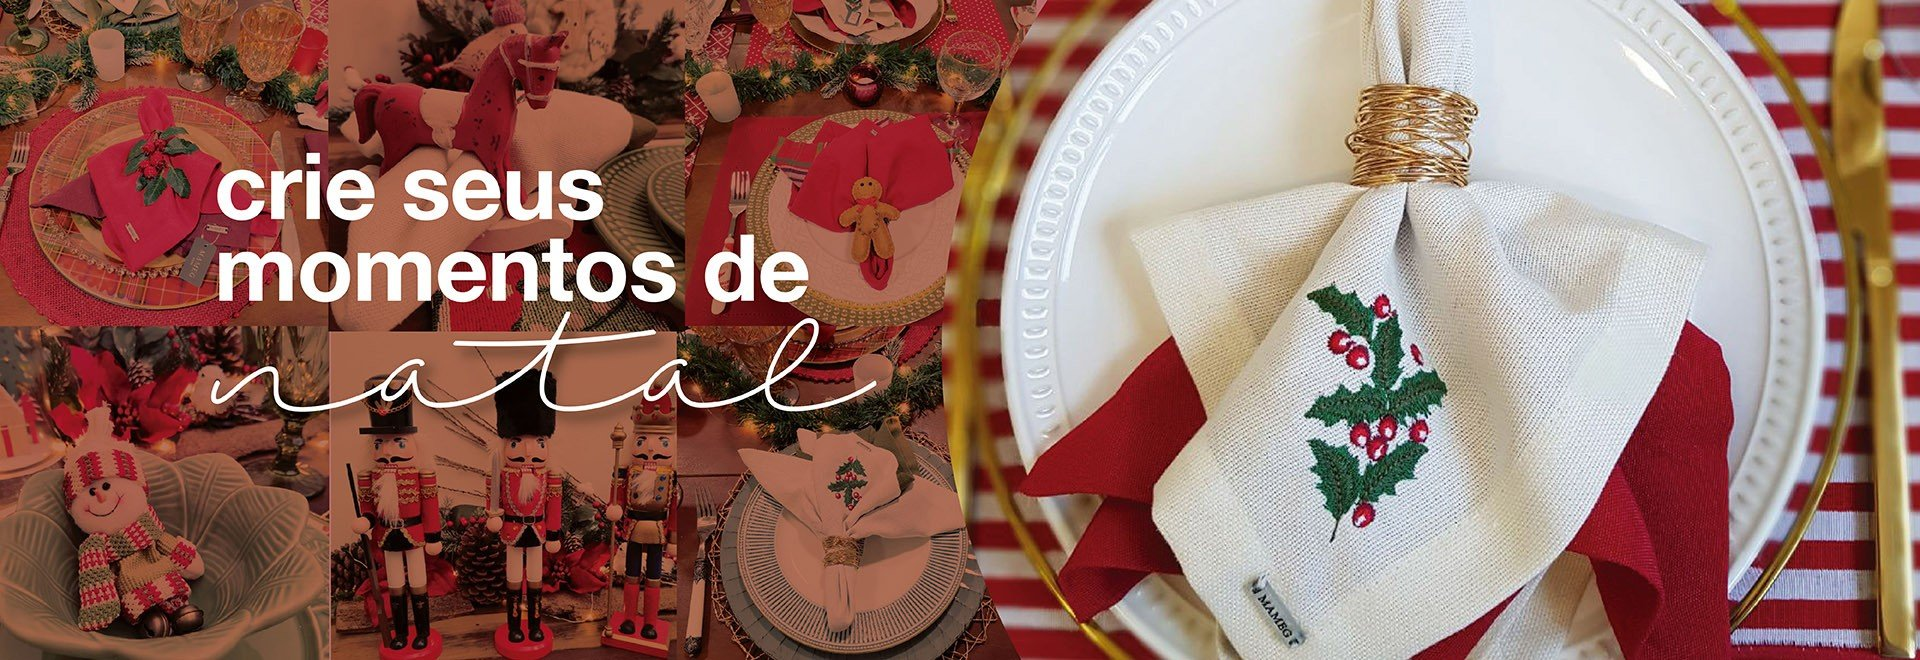 banner pagina de natal 01 d